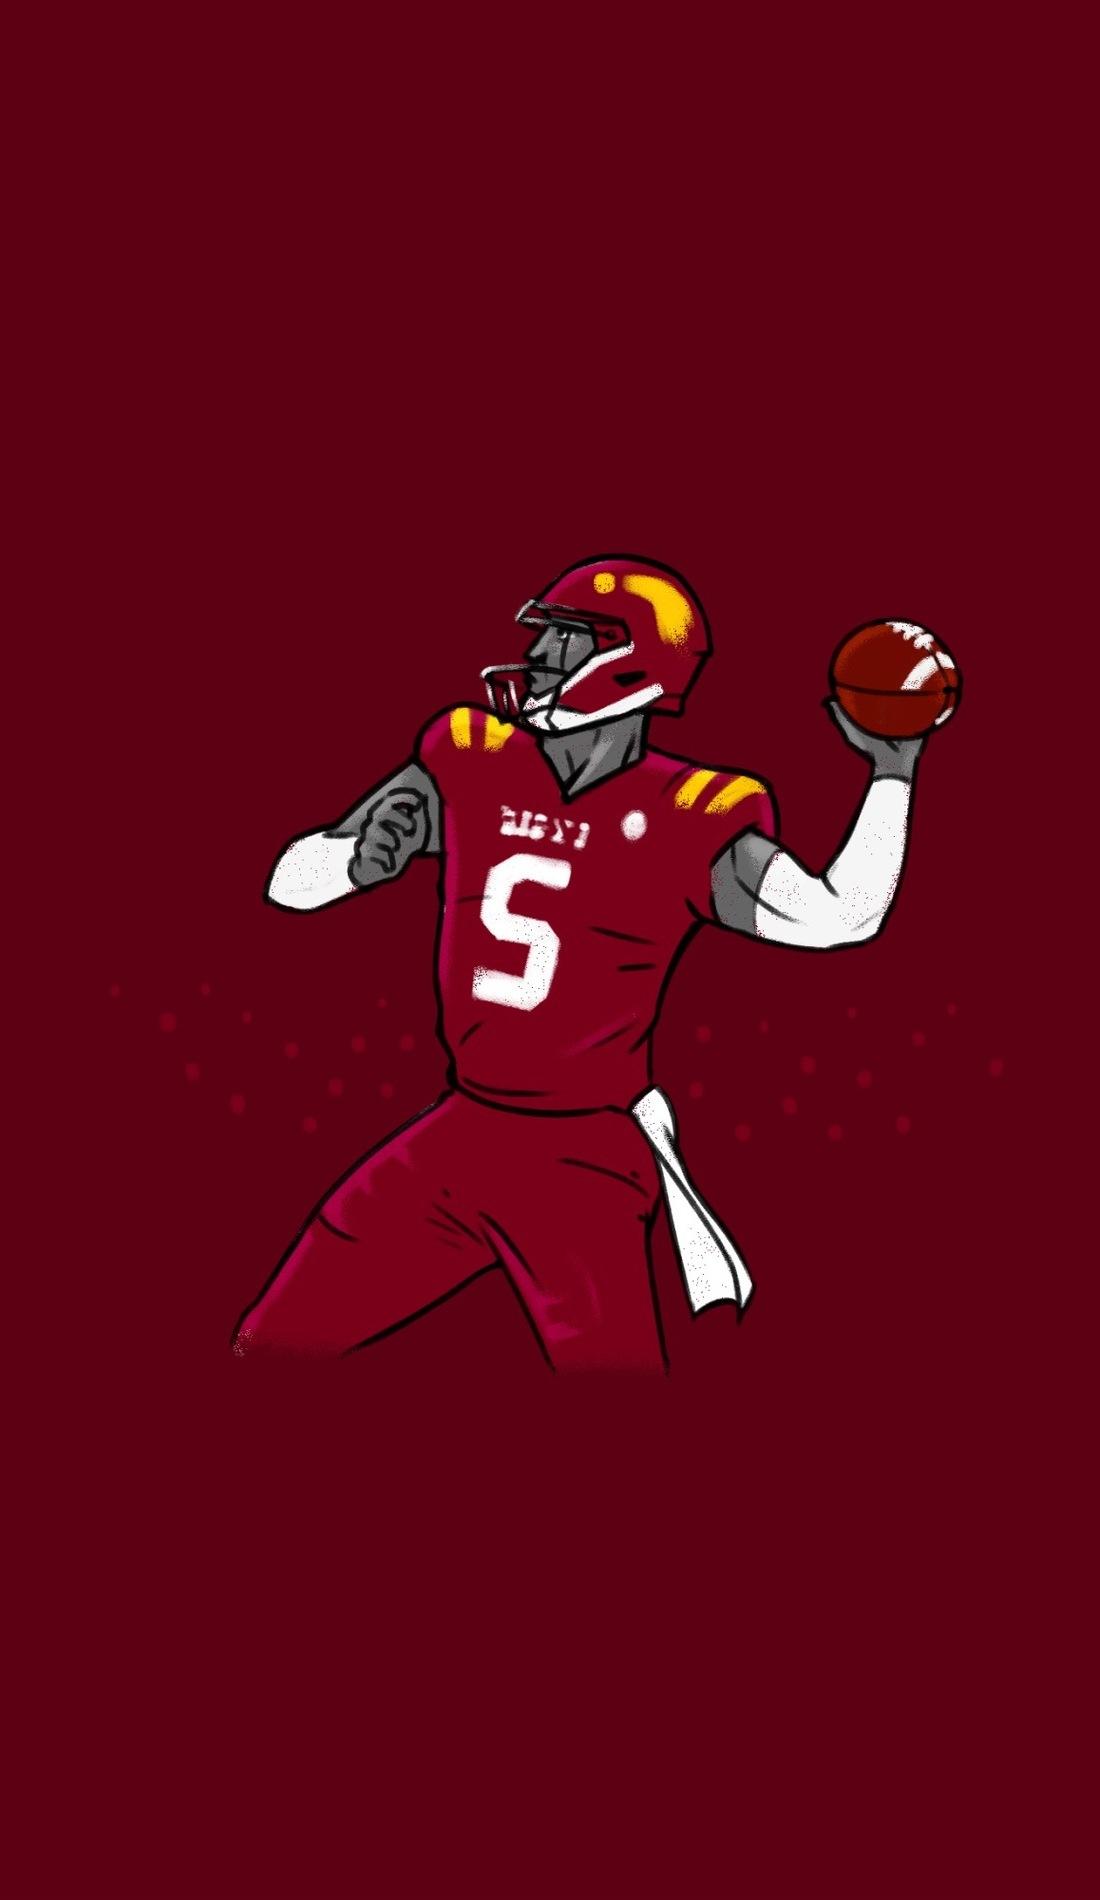 A Minnesota Golden Gophers Football live event